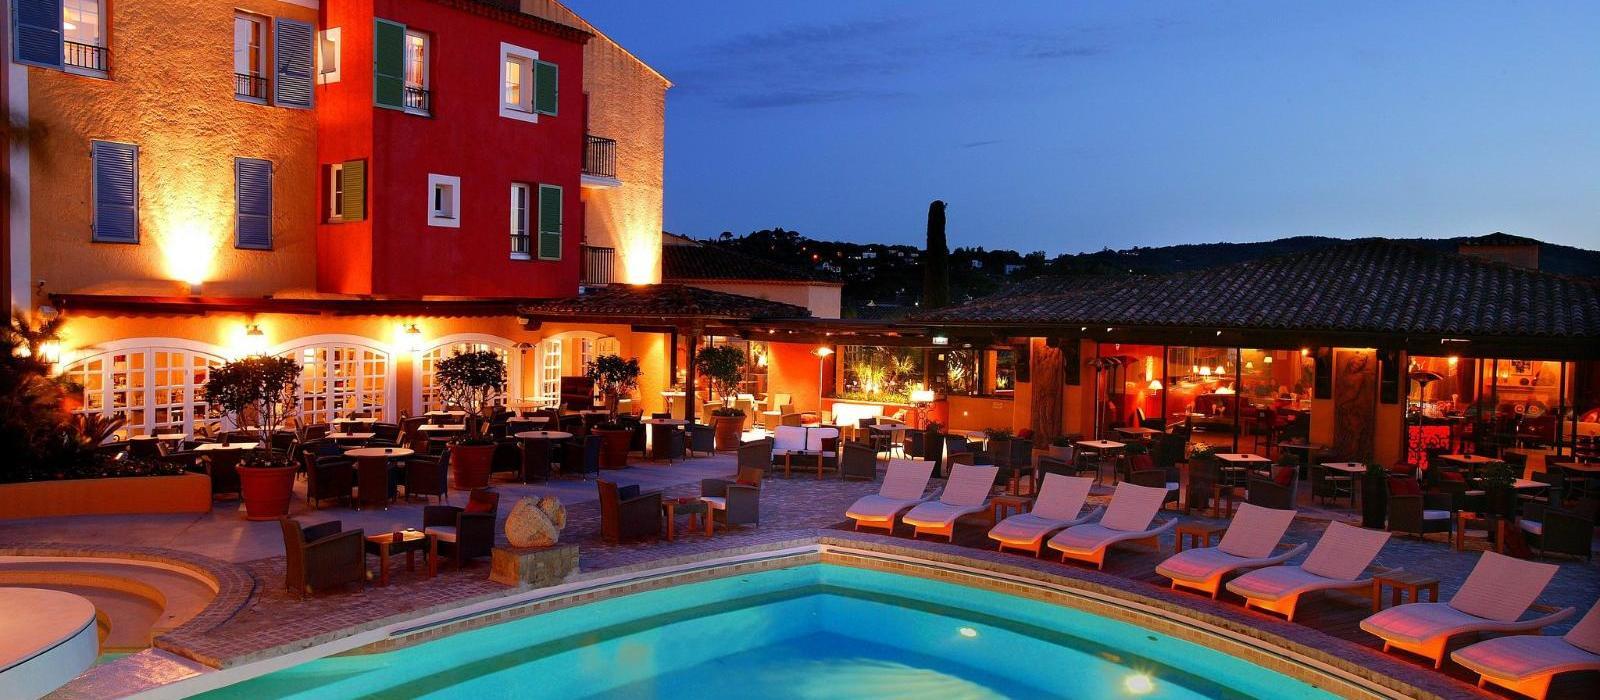 圣特罗佩碧珮乐思酒店(Hotel Byblos Saint-Tropez) B. 餐厅图片  www.lhw.cn